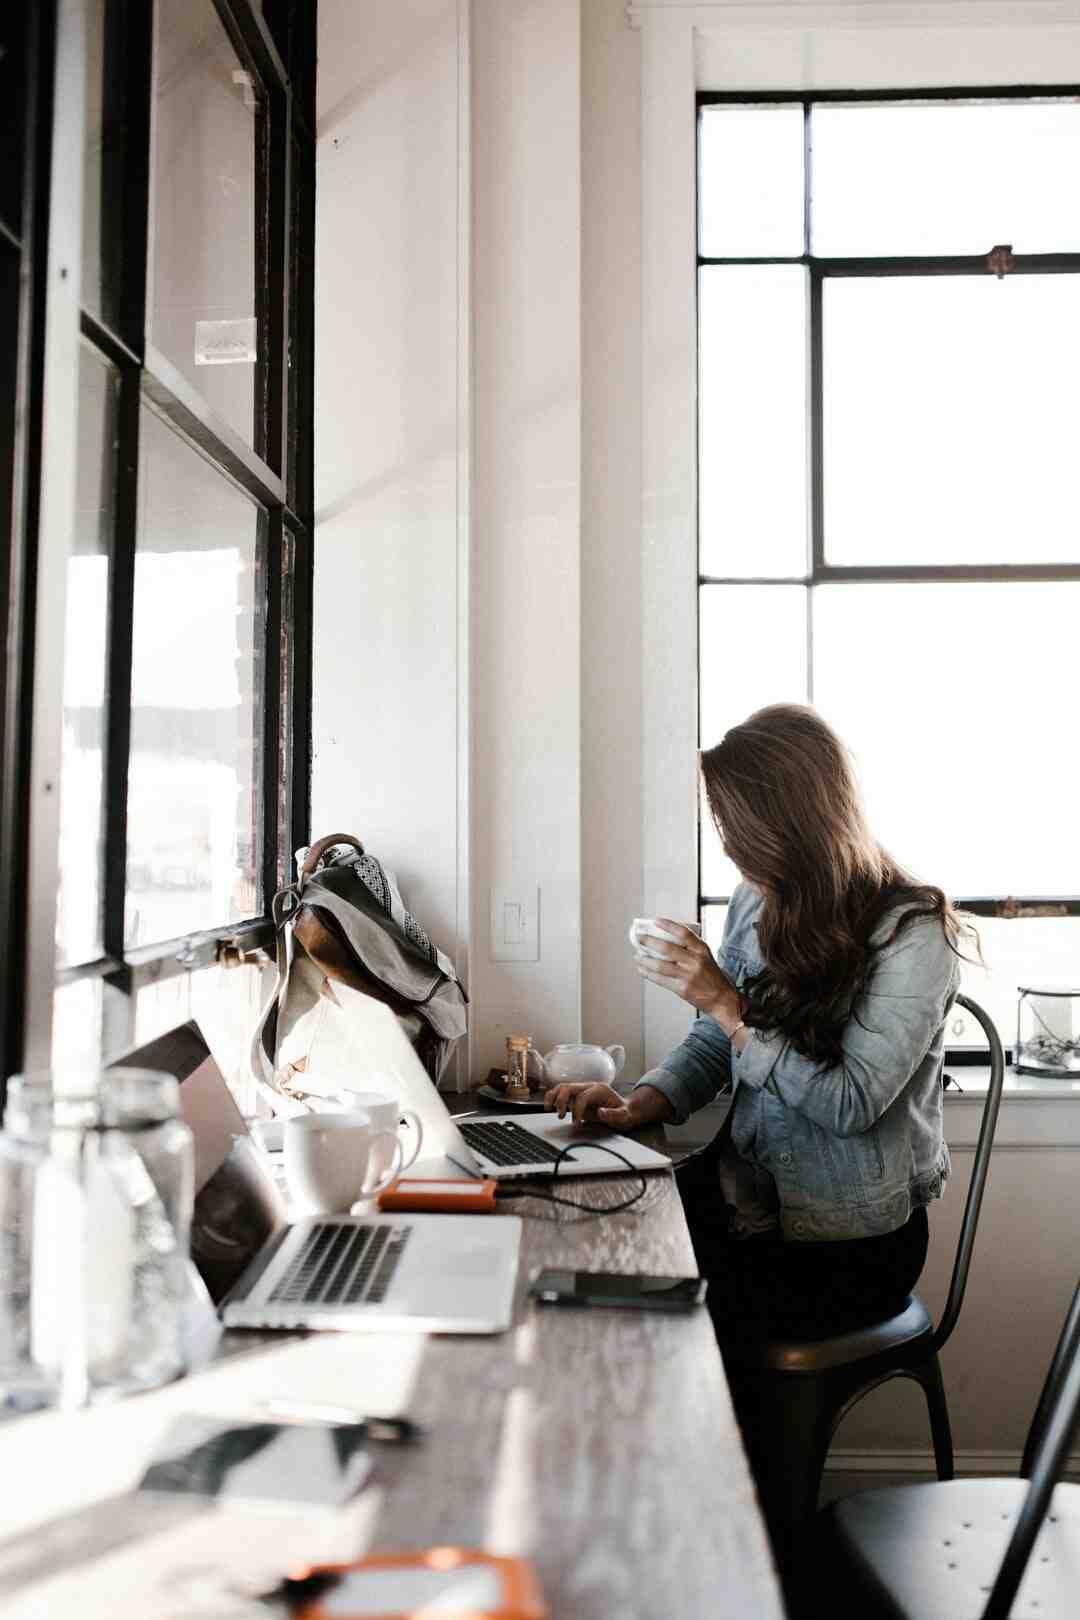 Comment suivre un blog sur Blogspot